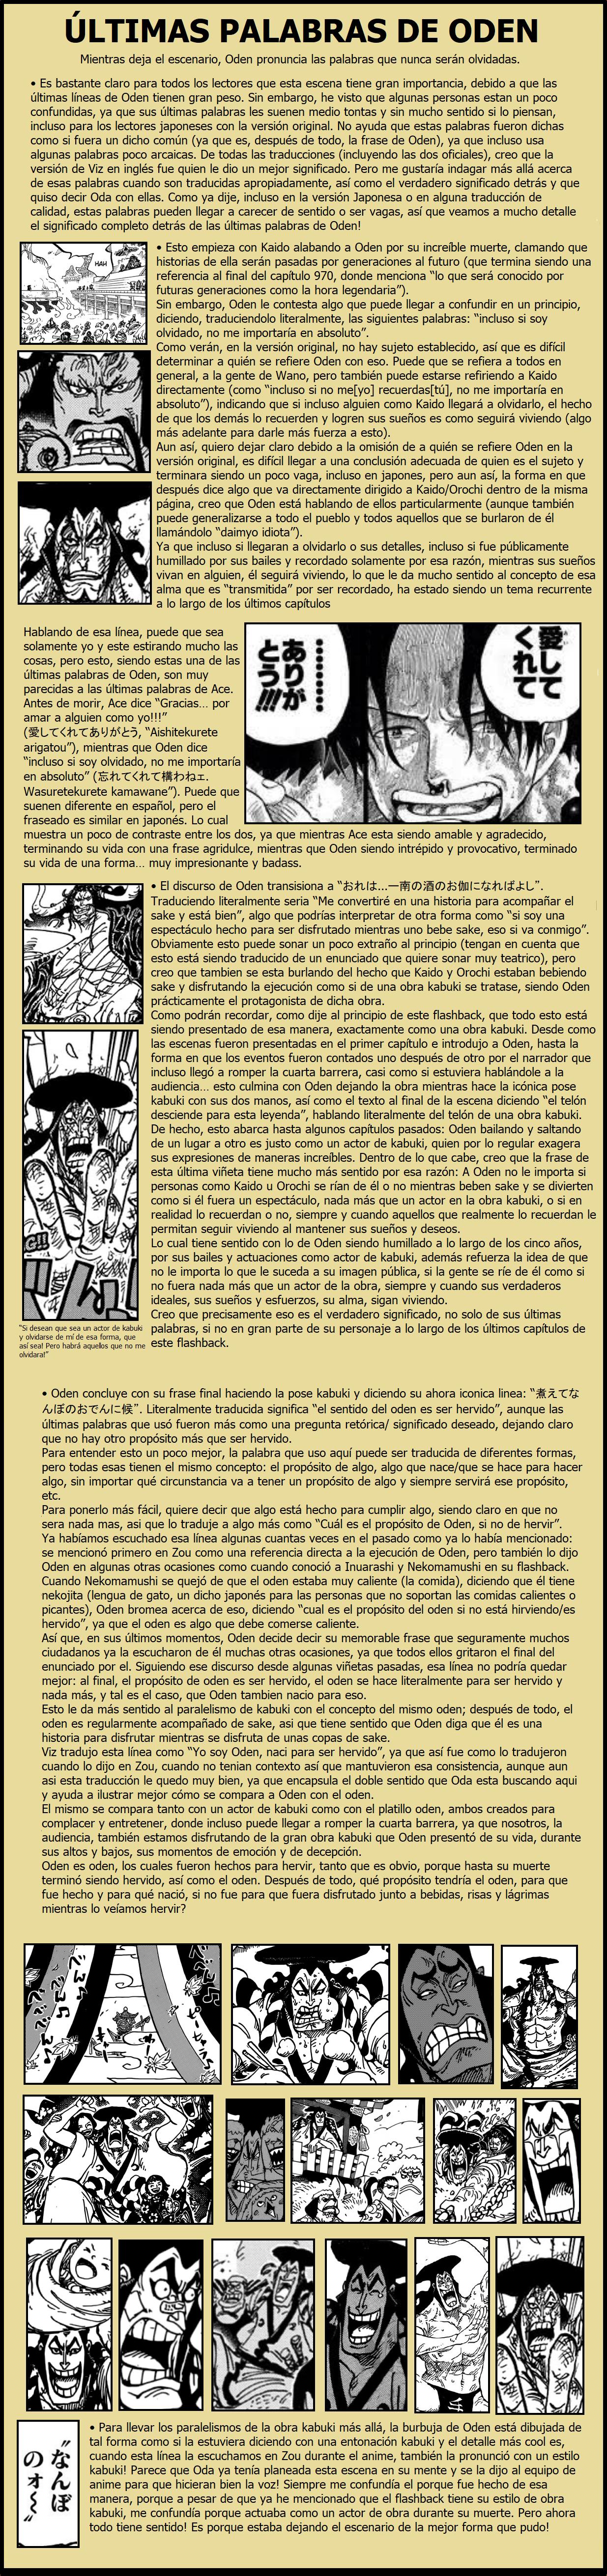 Secretos & Curiosidades - One Piece Manga 972 06